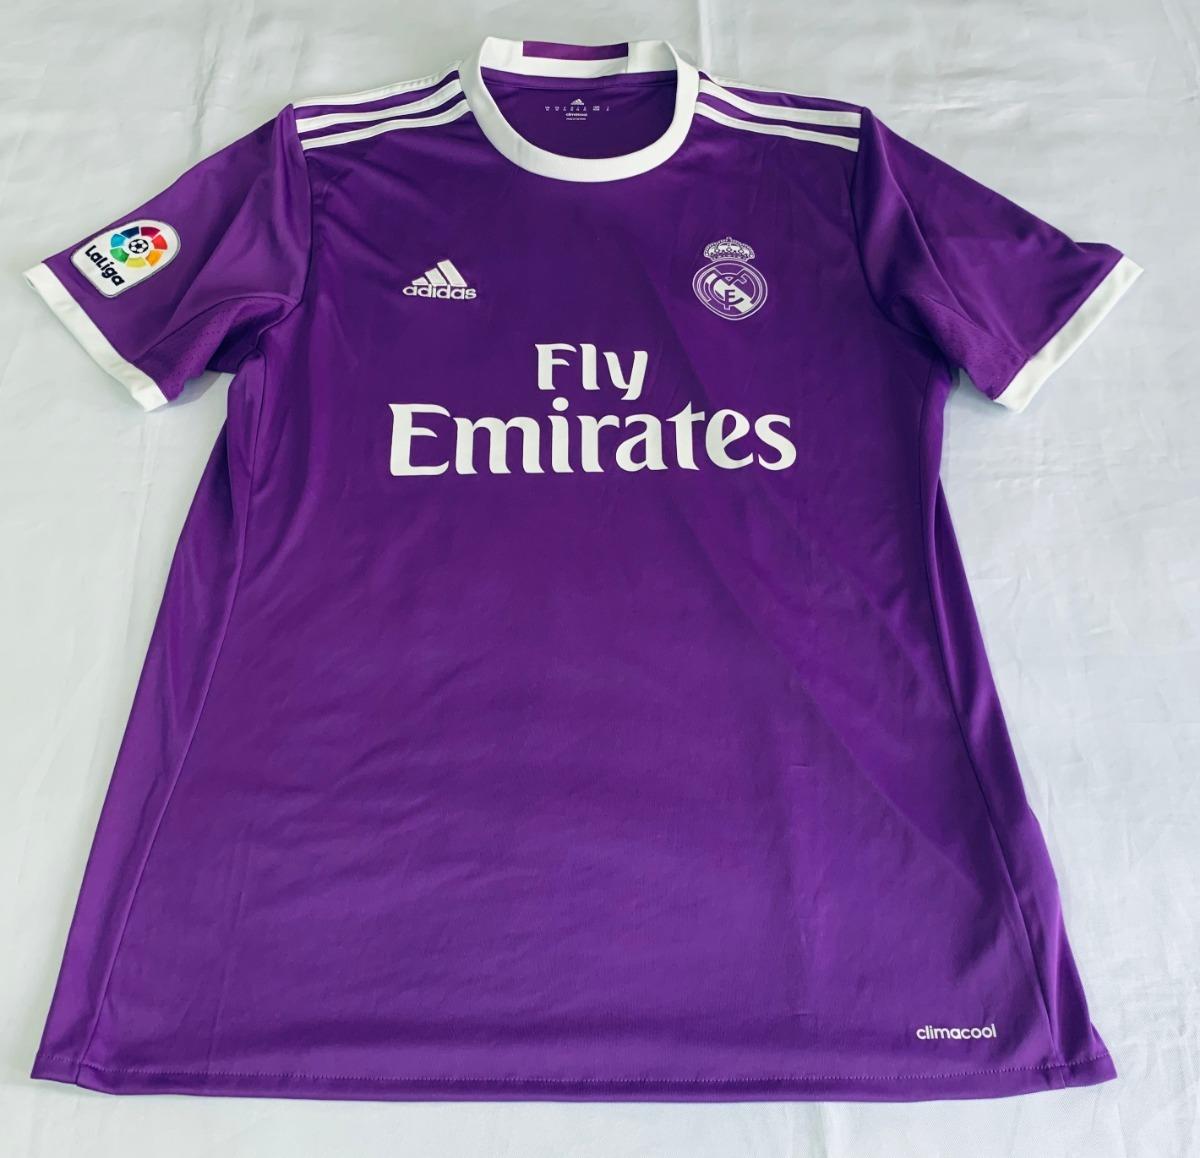 official photos 51ee6 5e5de Jersey Real Madrid adidas Cristiano Ronaldo Champions League - $ 699.00